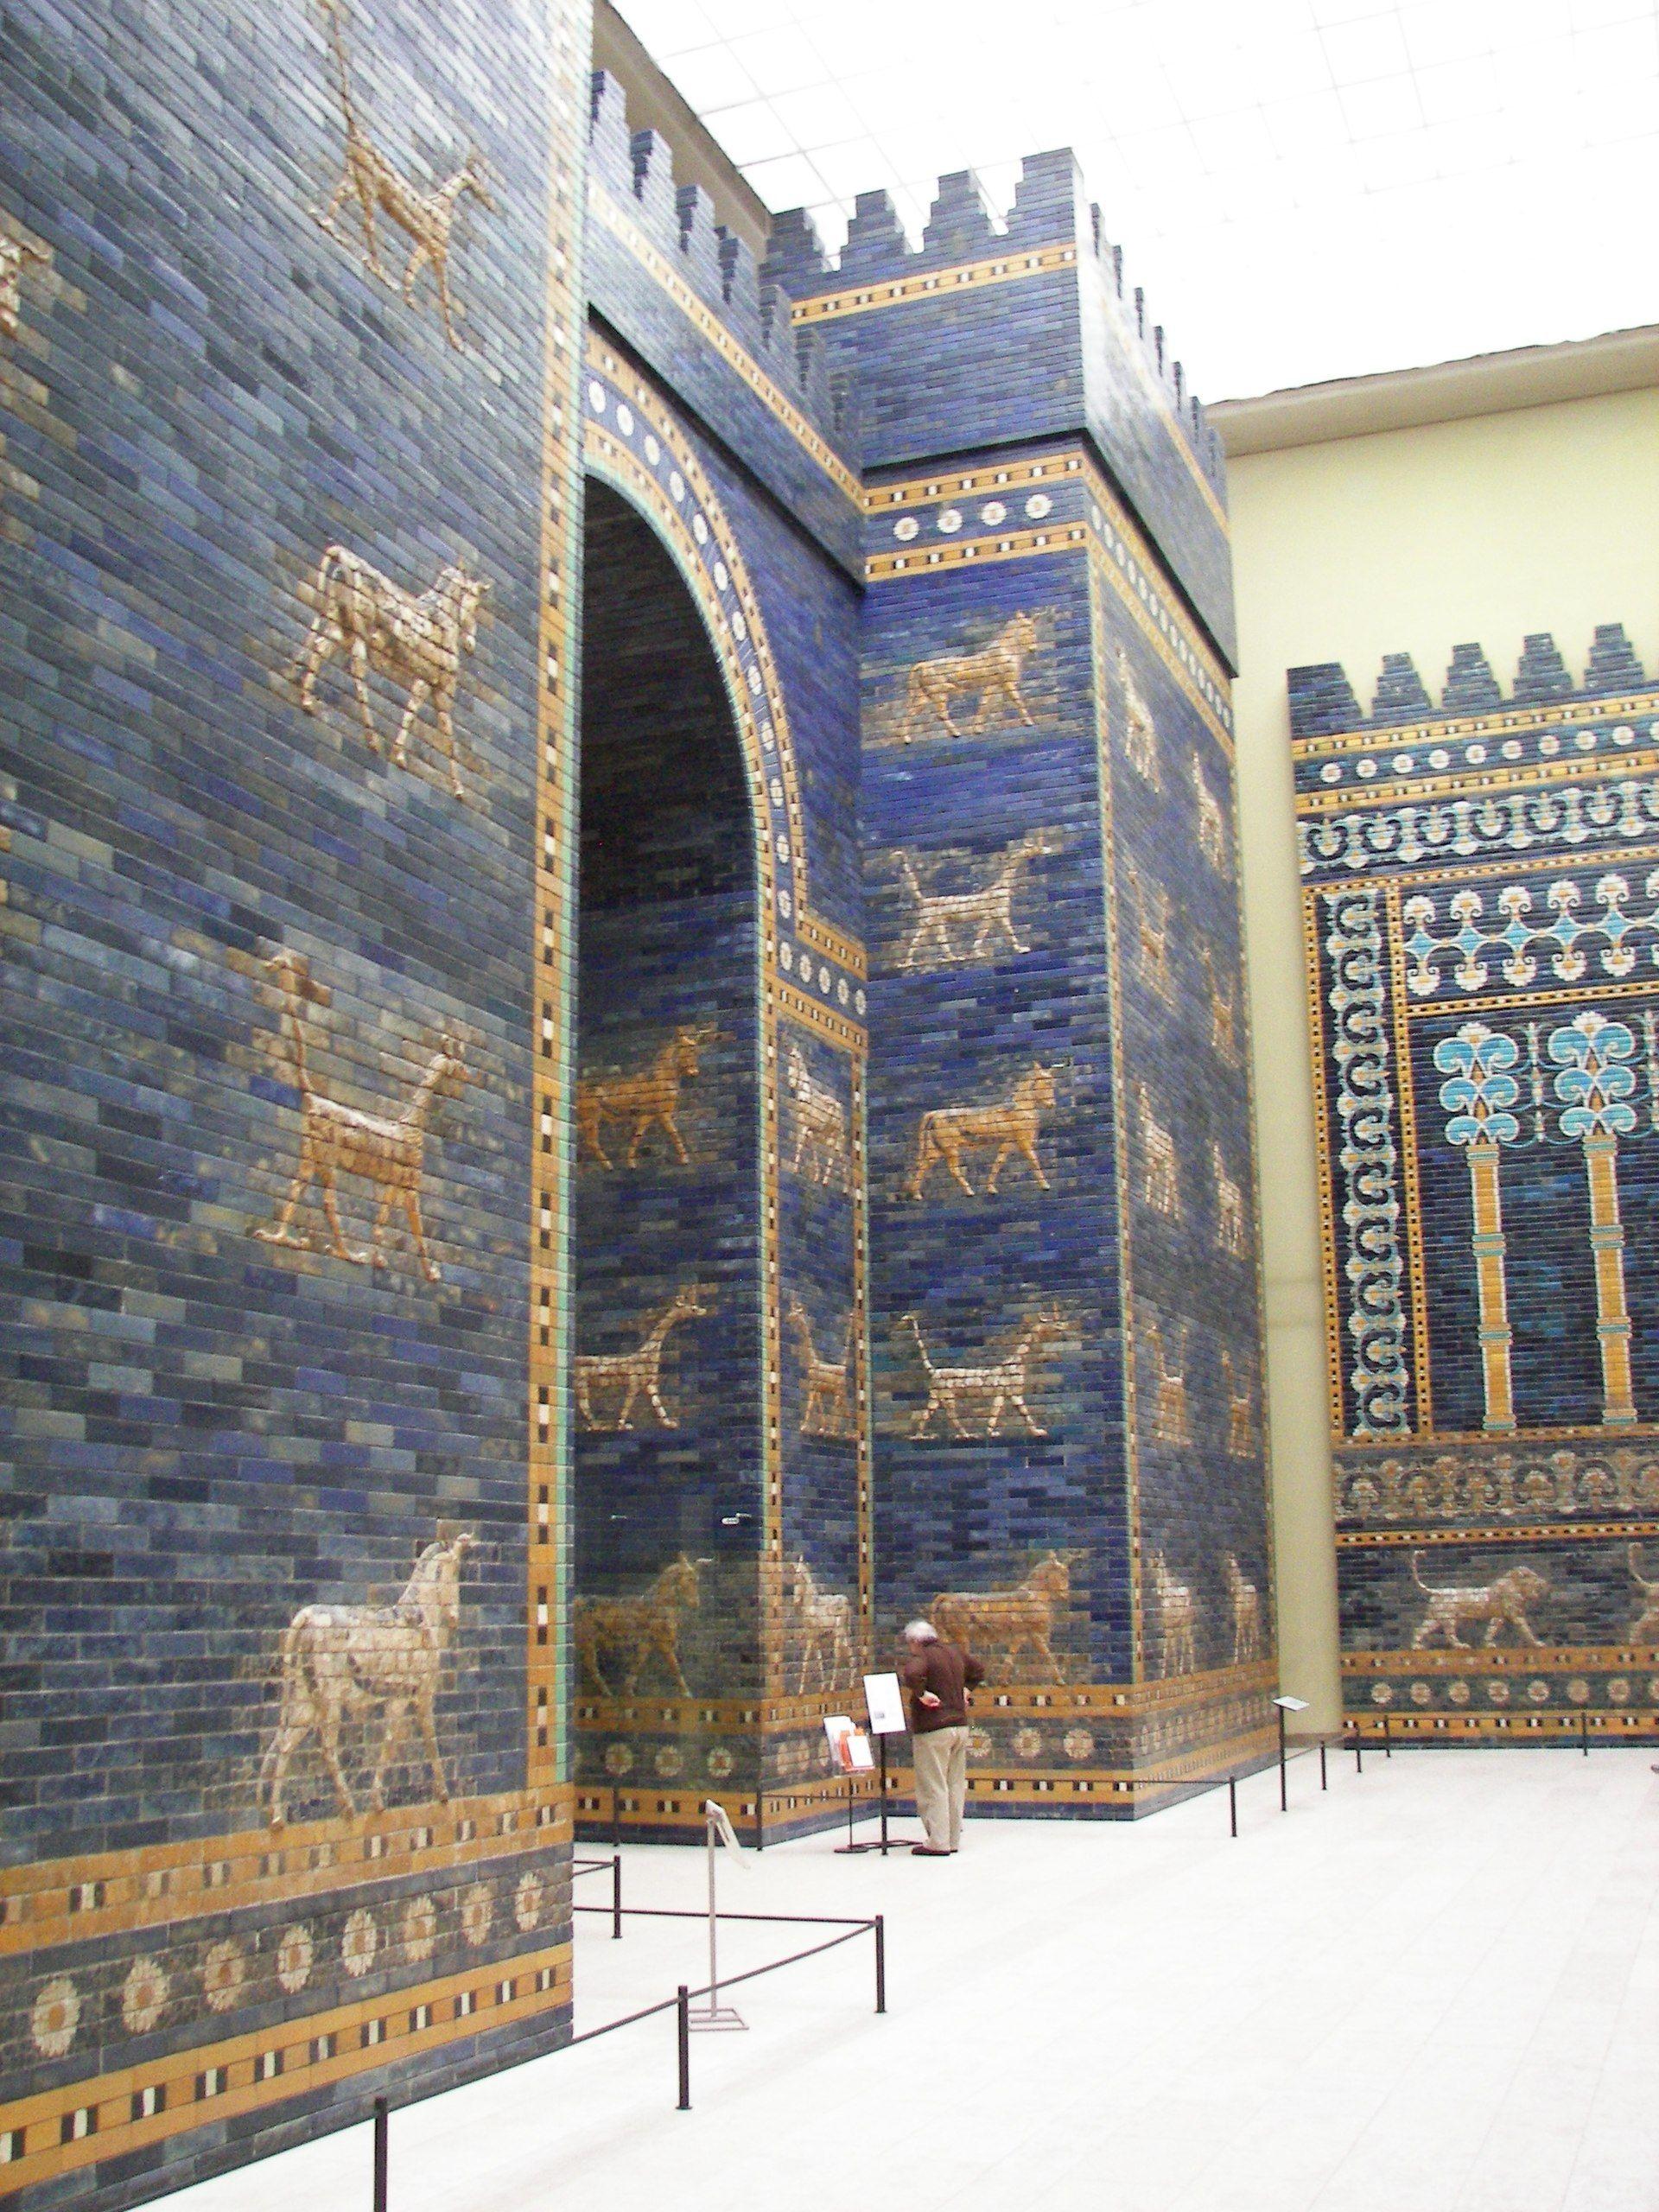 Pergamonmuseum Ishtartor 08 Vorderasiatisches Museum Berlin Wikipedia Pergamon Museum Ancient Babylon Pergamon